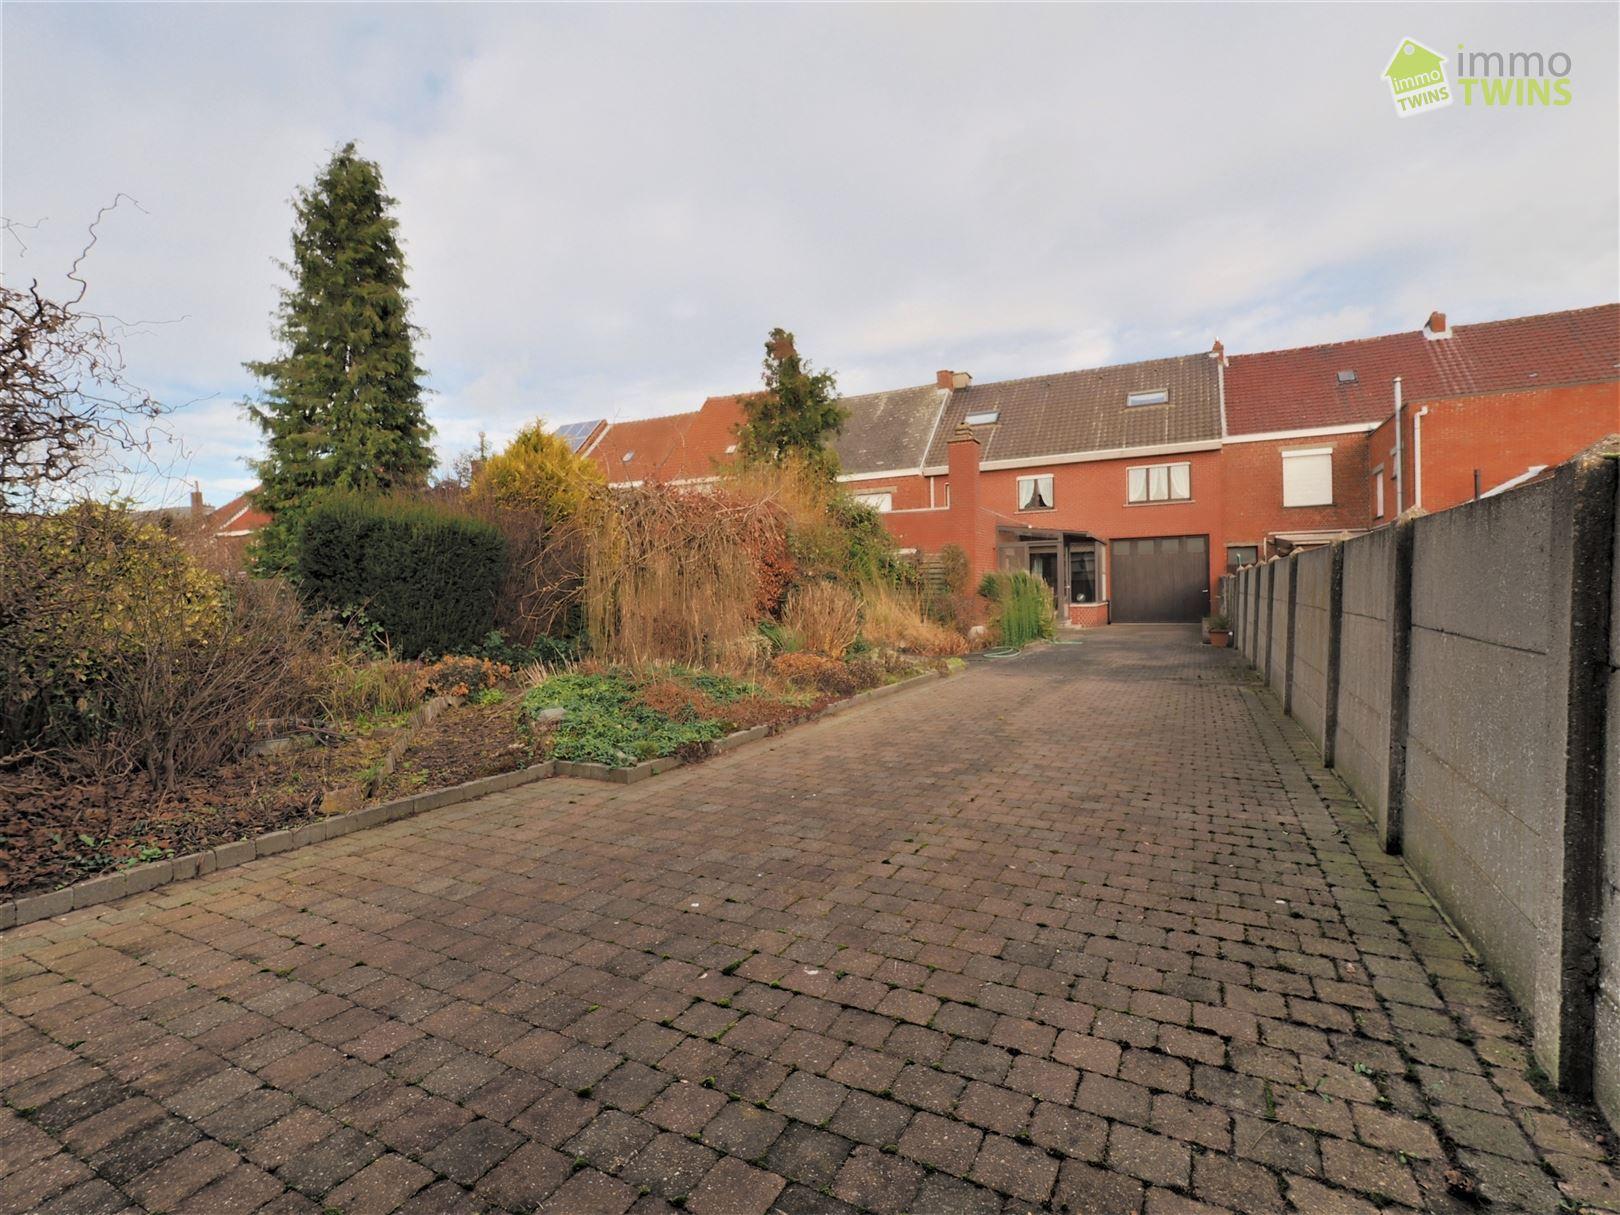 Foto 18 : Huis te 9240 ZELE (België) - Prijs € 345.000